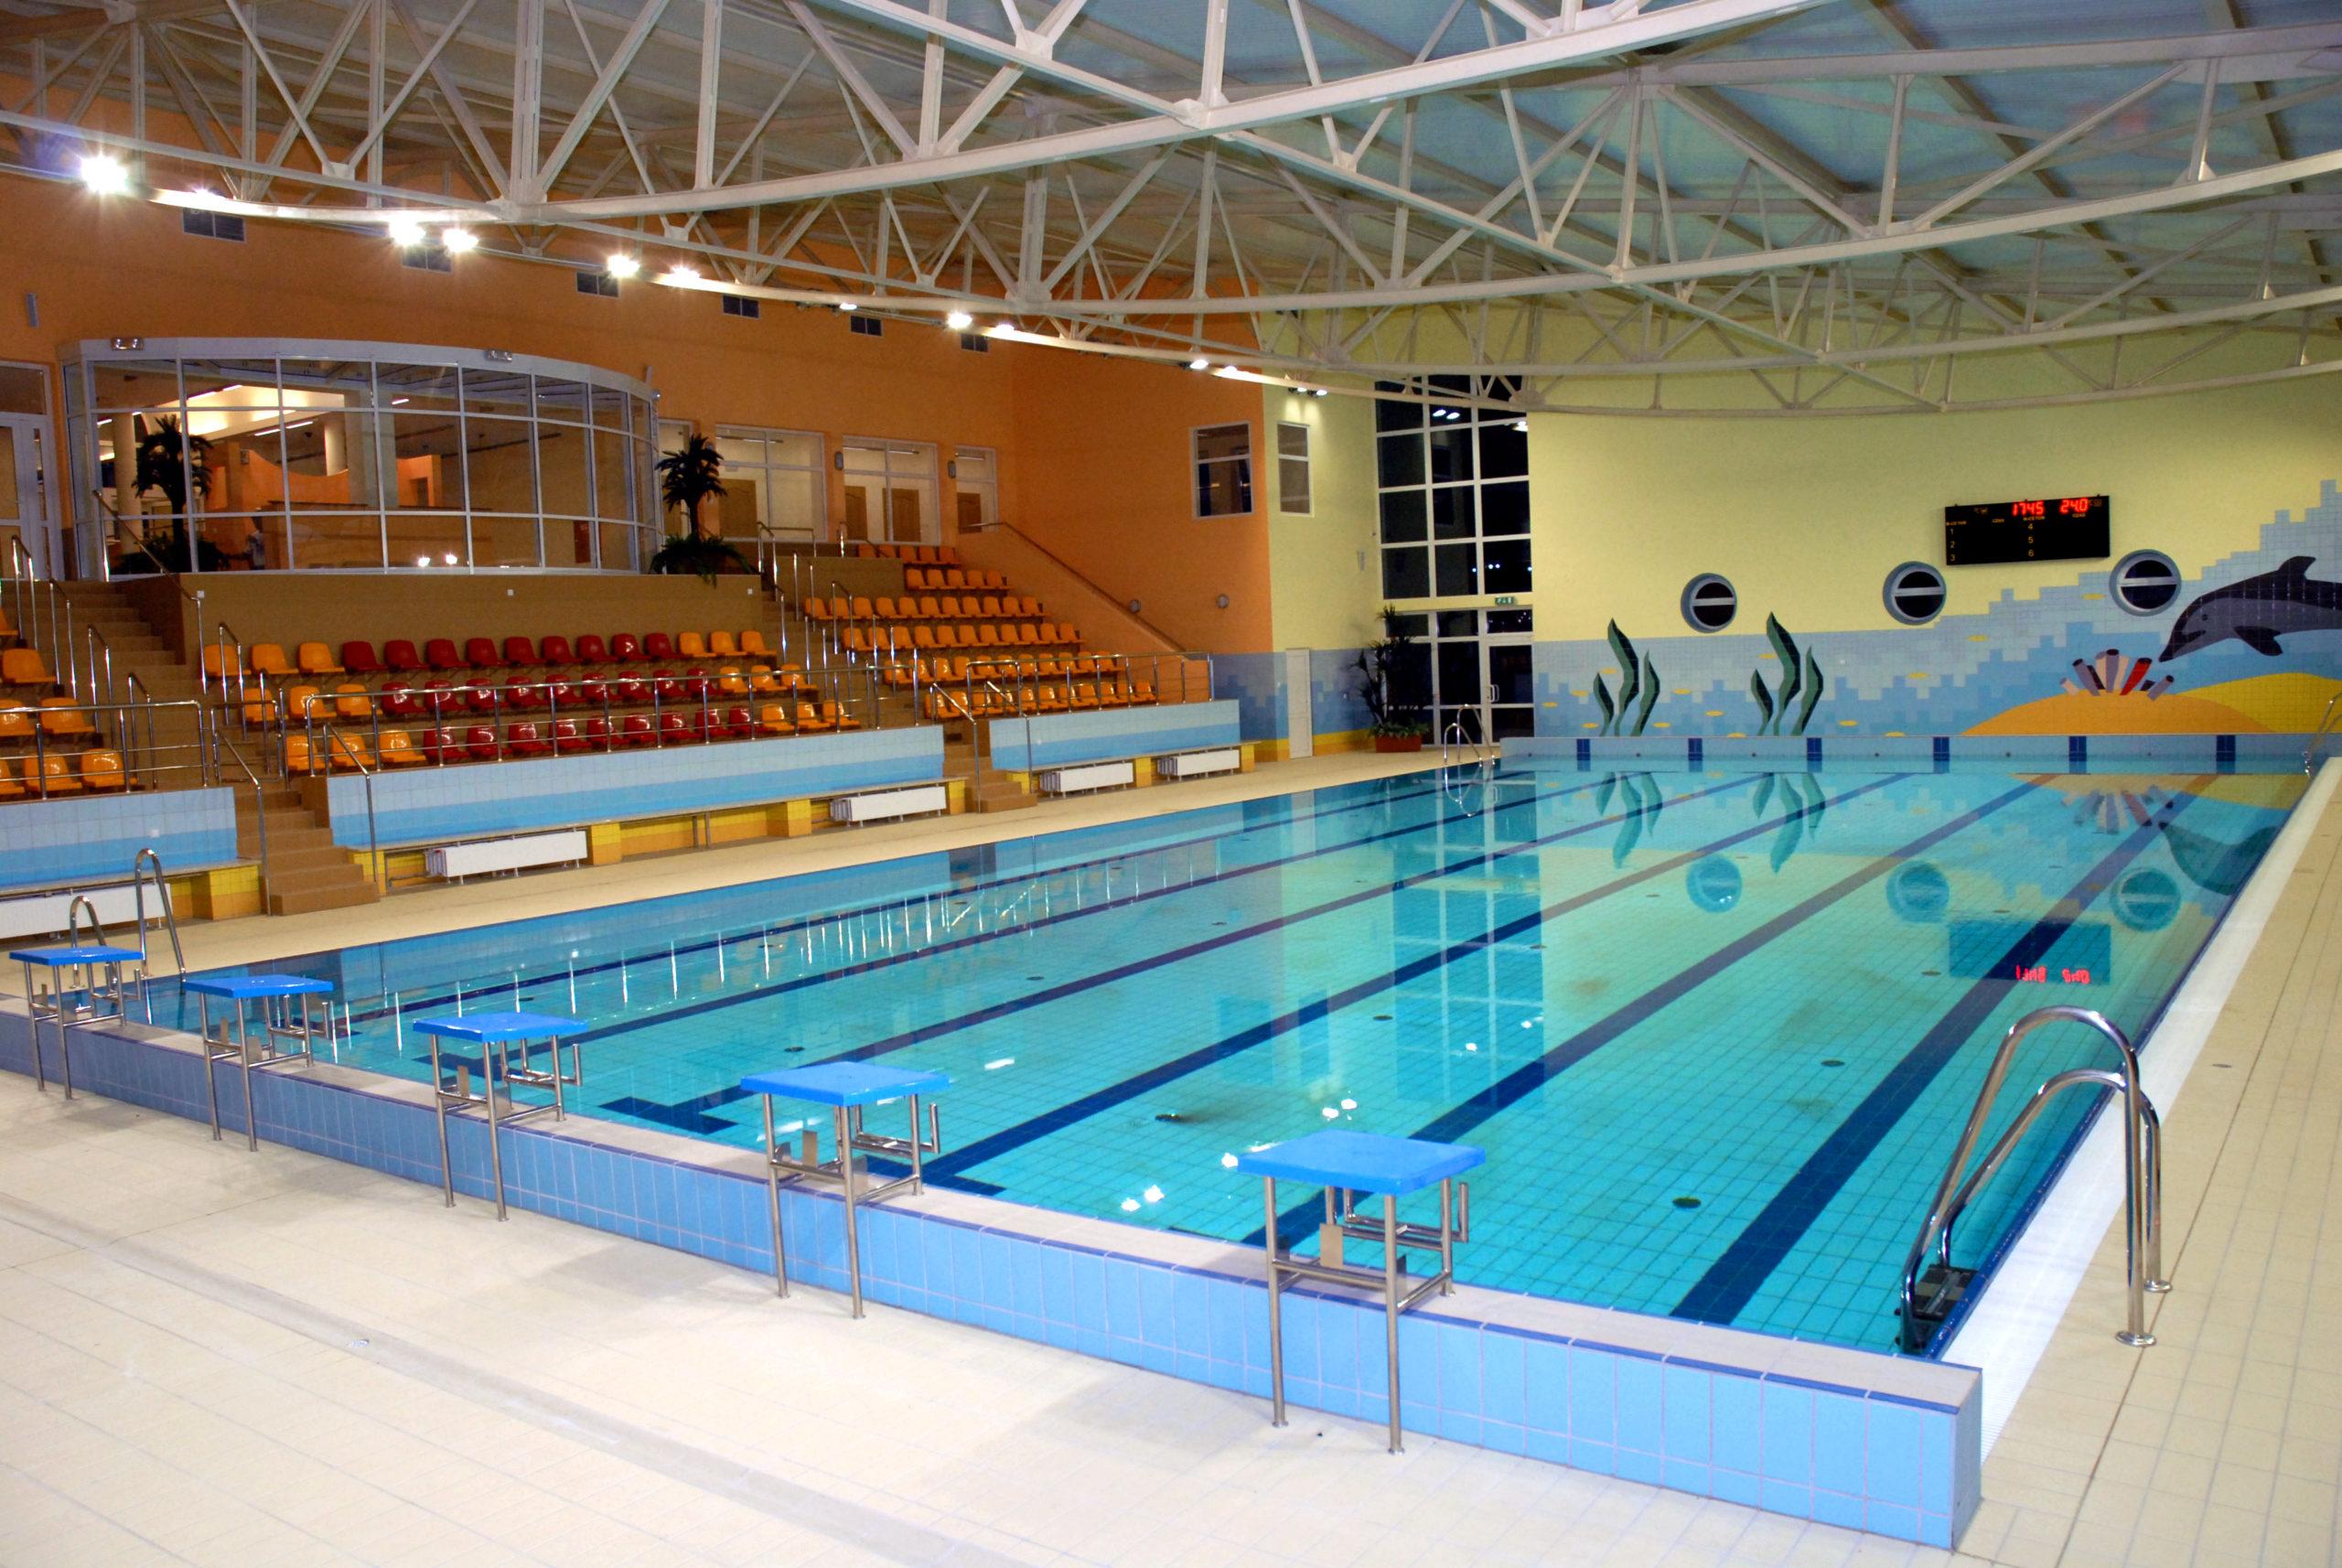 Ludzkie zwłoki w basenie! Nagranie z monitoringu najważniejszym dowodem - Zdjęcie główne